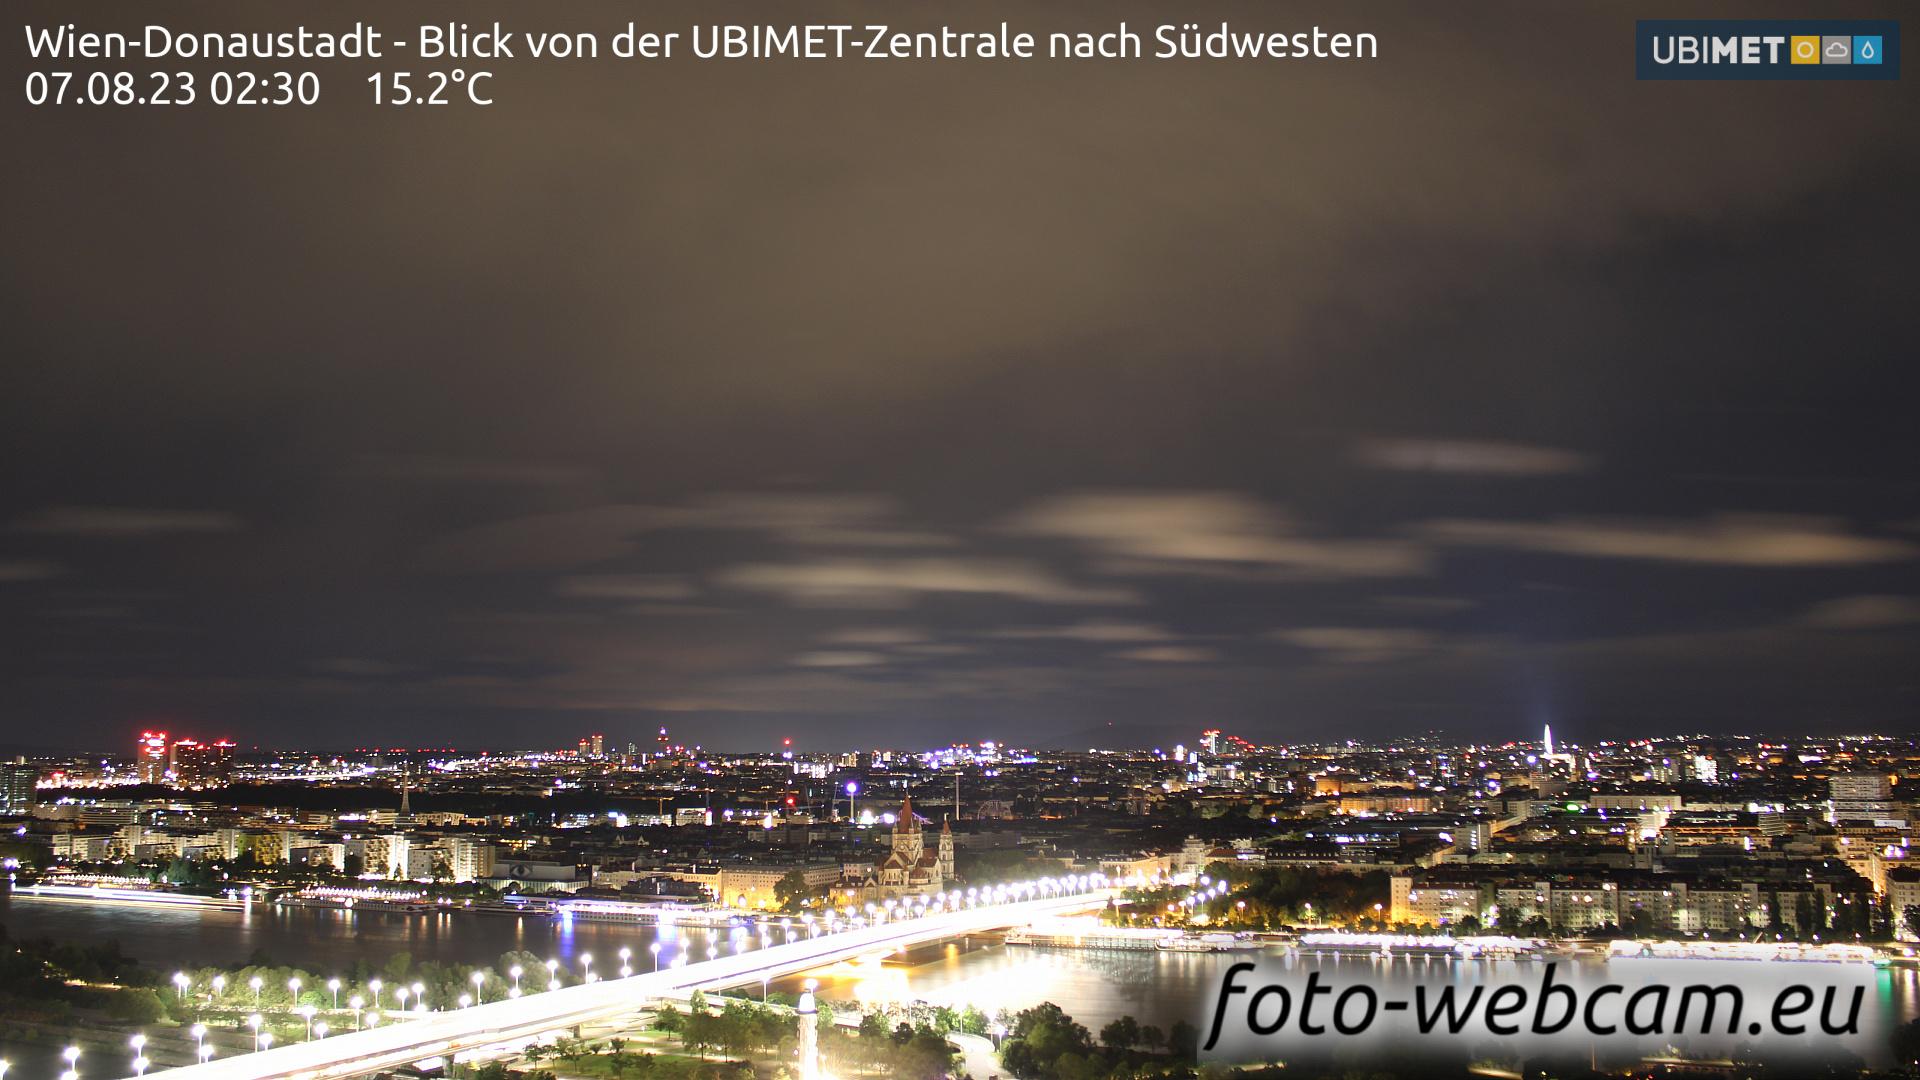 Vienna Wed. 02:46